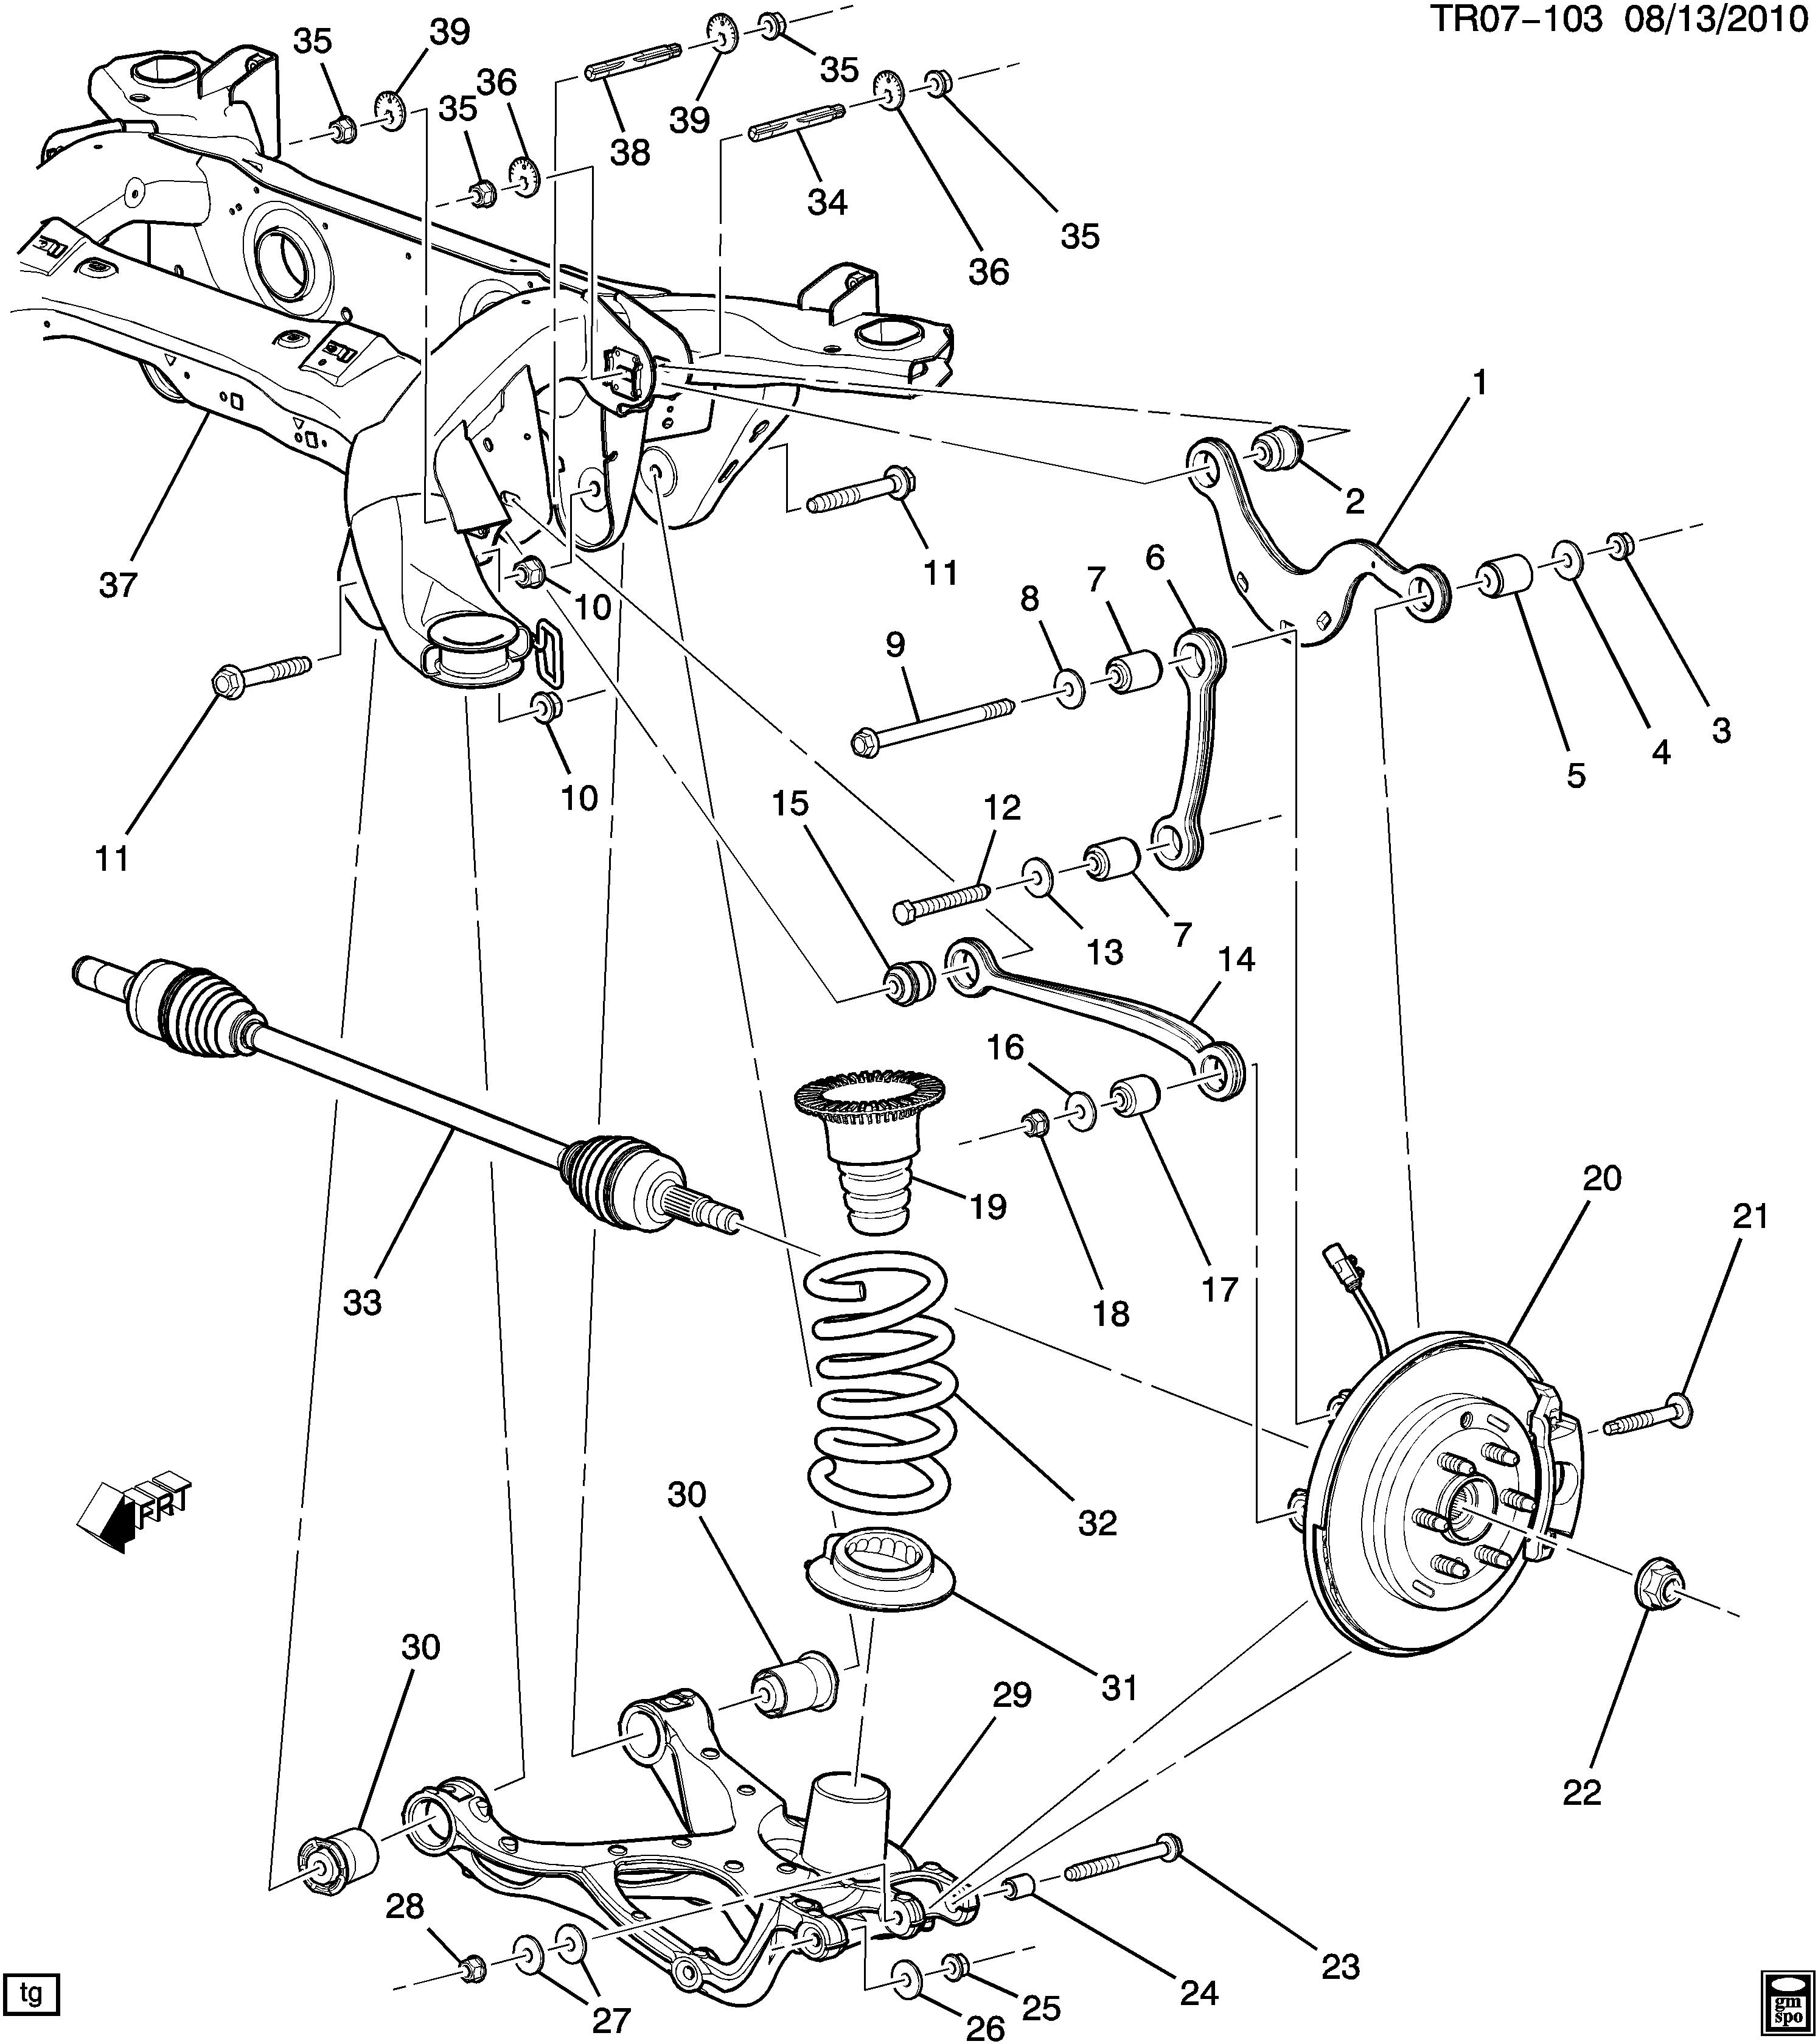 gmc acadia suspension diagram - wiring diagram log loot-past -  loot-past.superpolobio.it  superpolobio.it